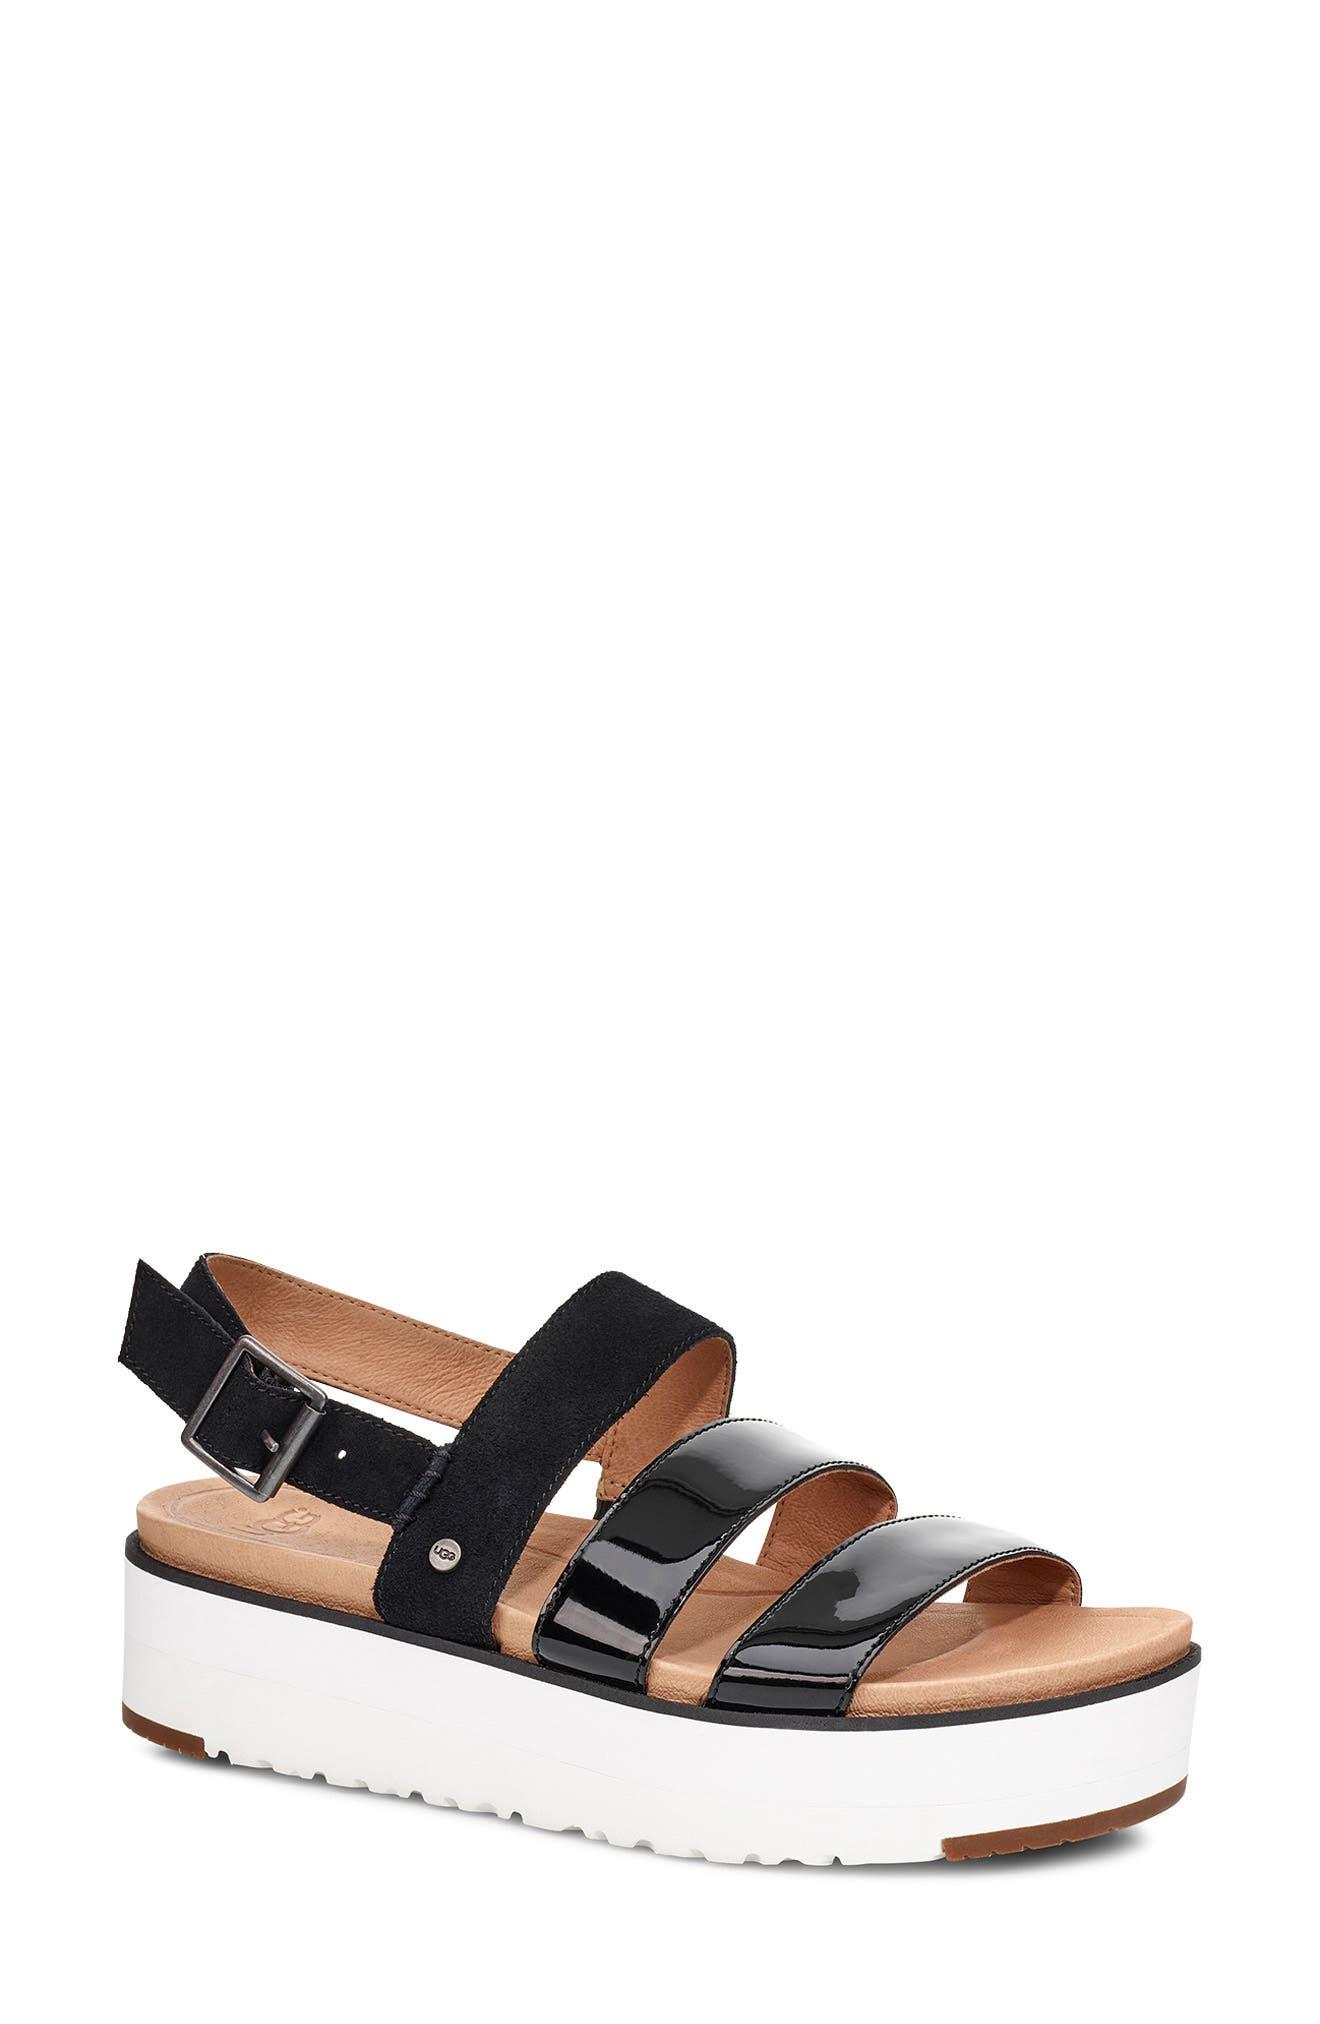 UGG<SUP>®</SUP> Braelynn Flatform Sandal, Main, color, BLACK LEATHER